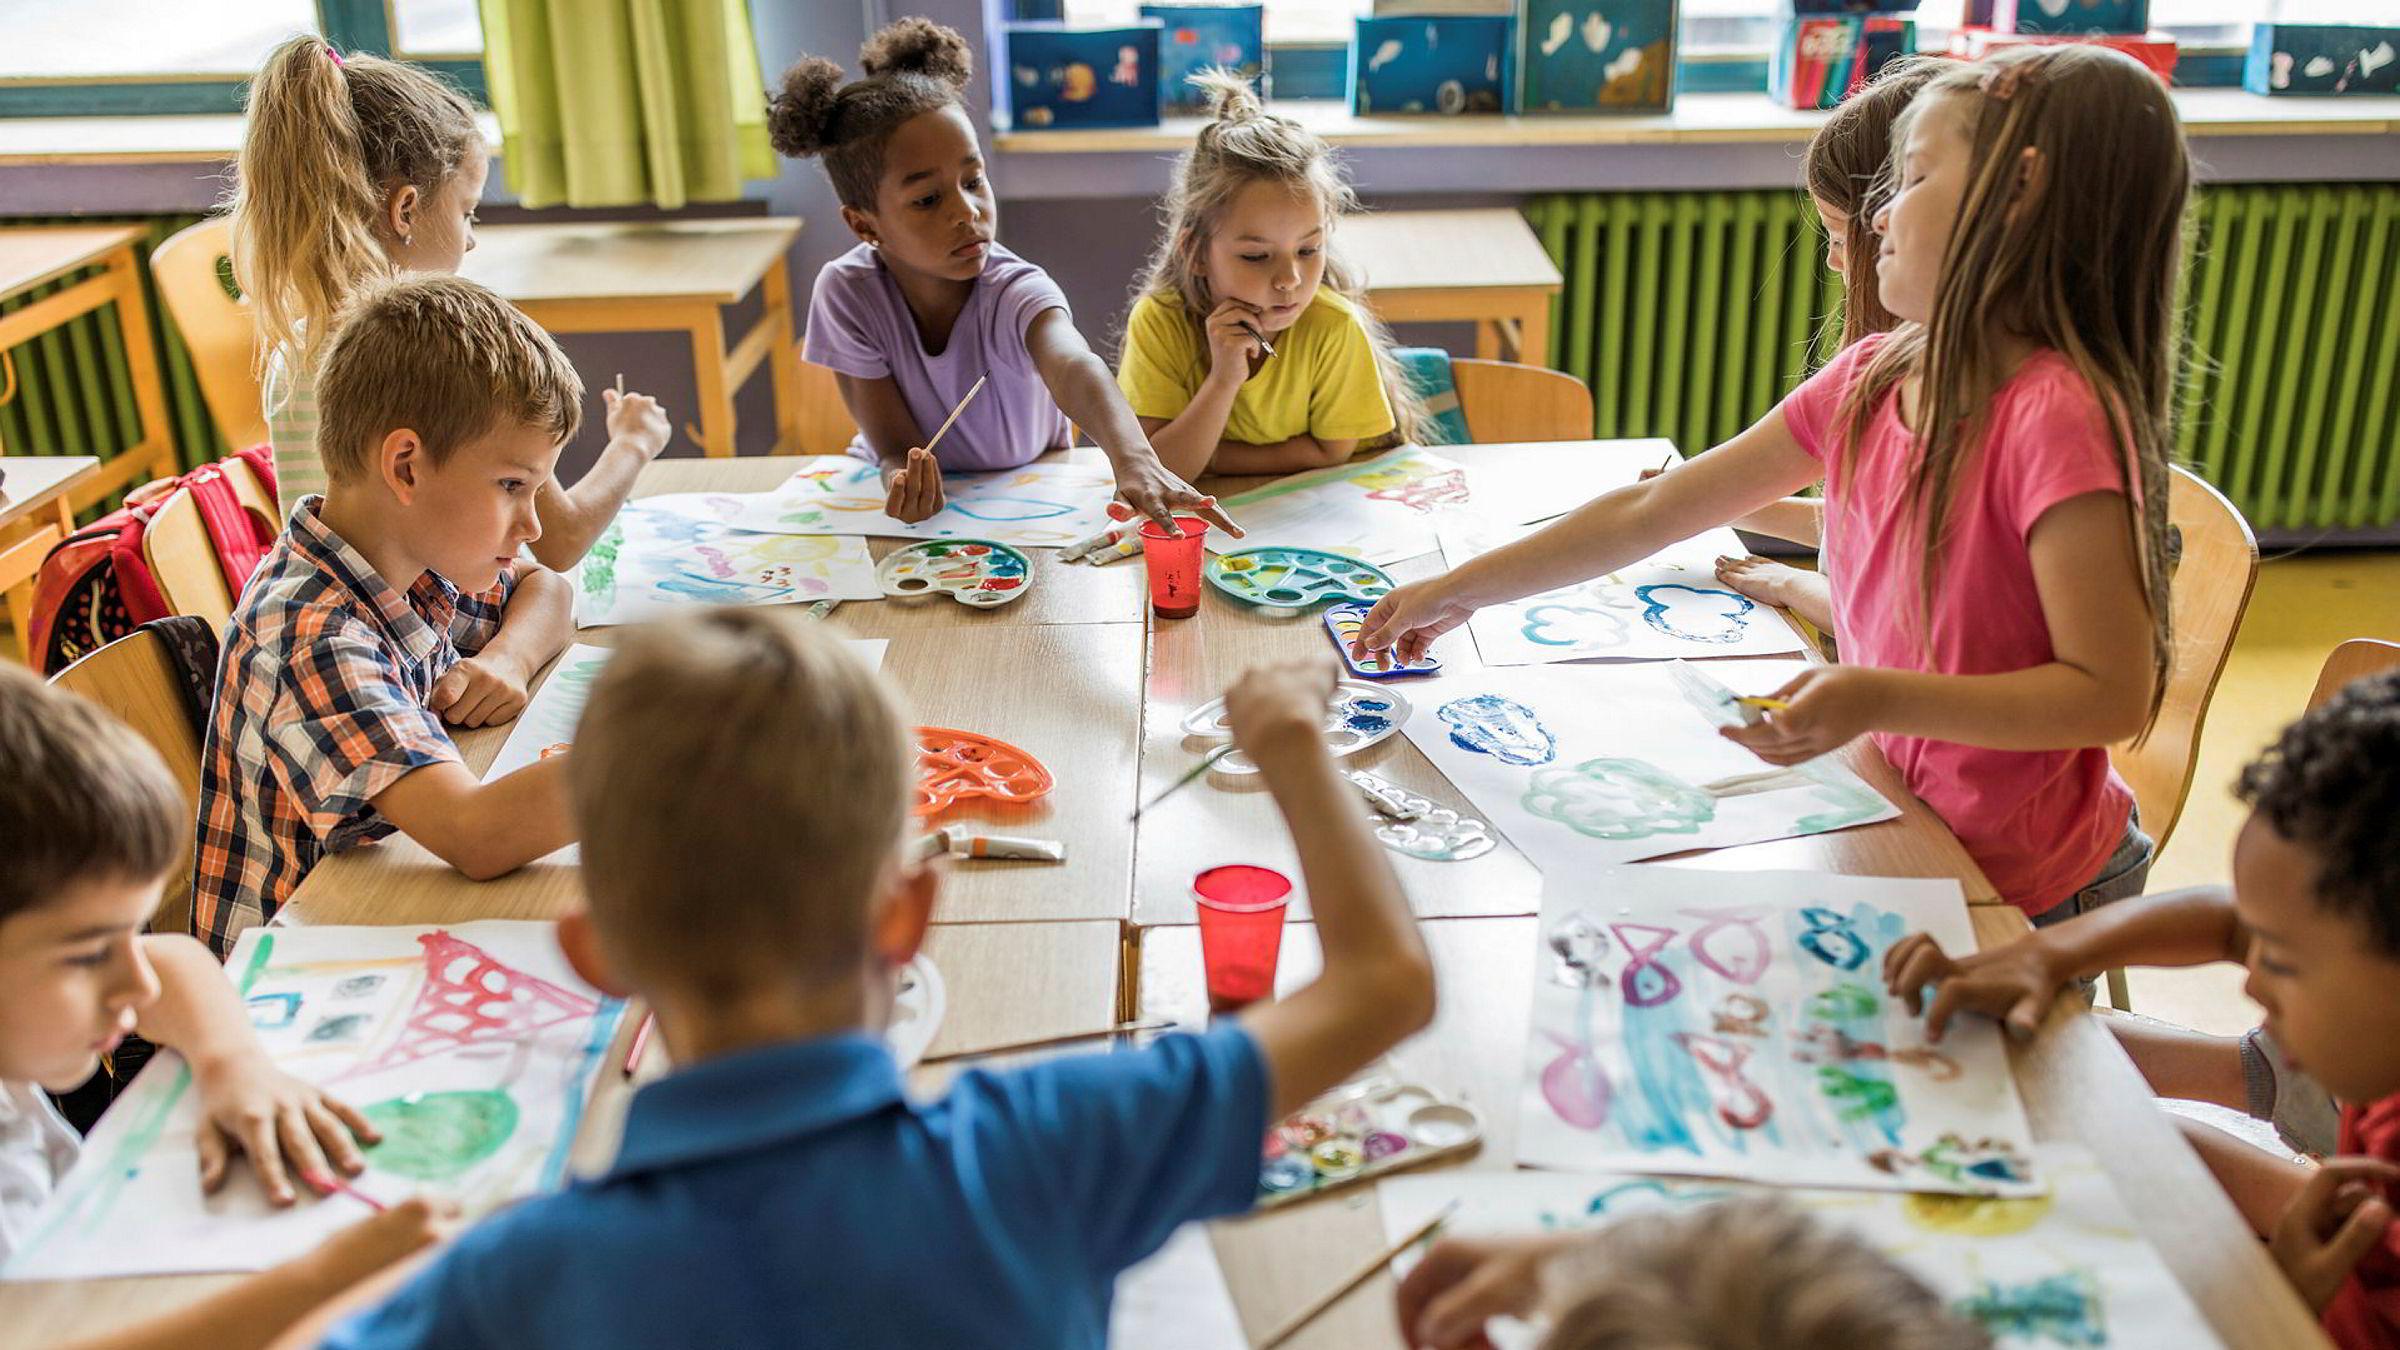 I estetiske fag bidrar til at barn blir kjent med og får utvikle sin egen kreativitet og skaperglede. De får prøve og feile, oppleve at øving gir mestring. De får utforske forskjellige følelser, samt lære seg å visualisere og uttrykke tanker og ideer, skriver Mari Rege i kronikken.